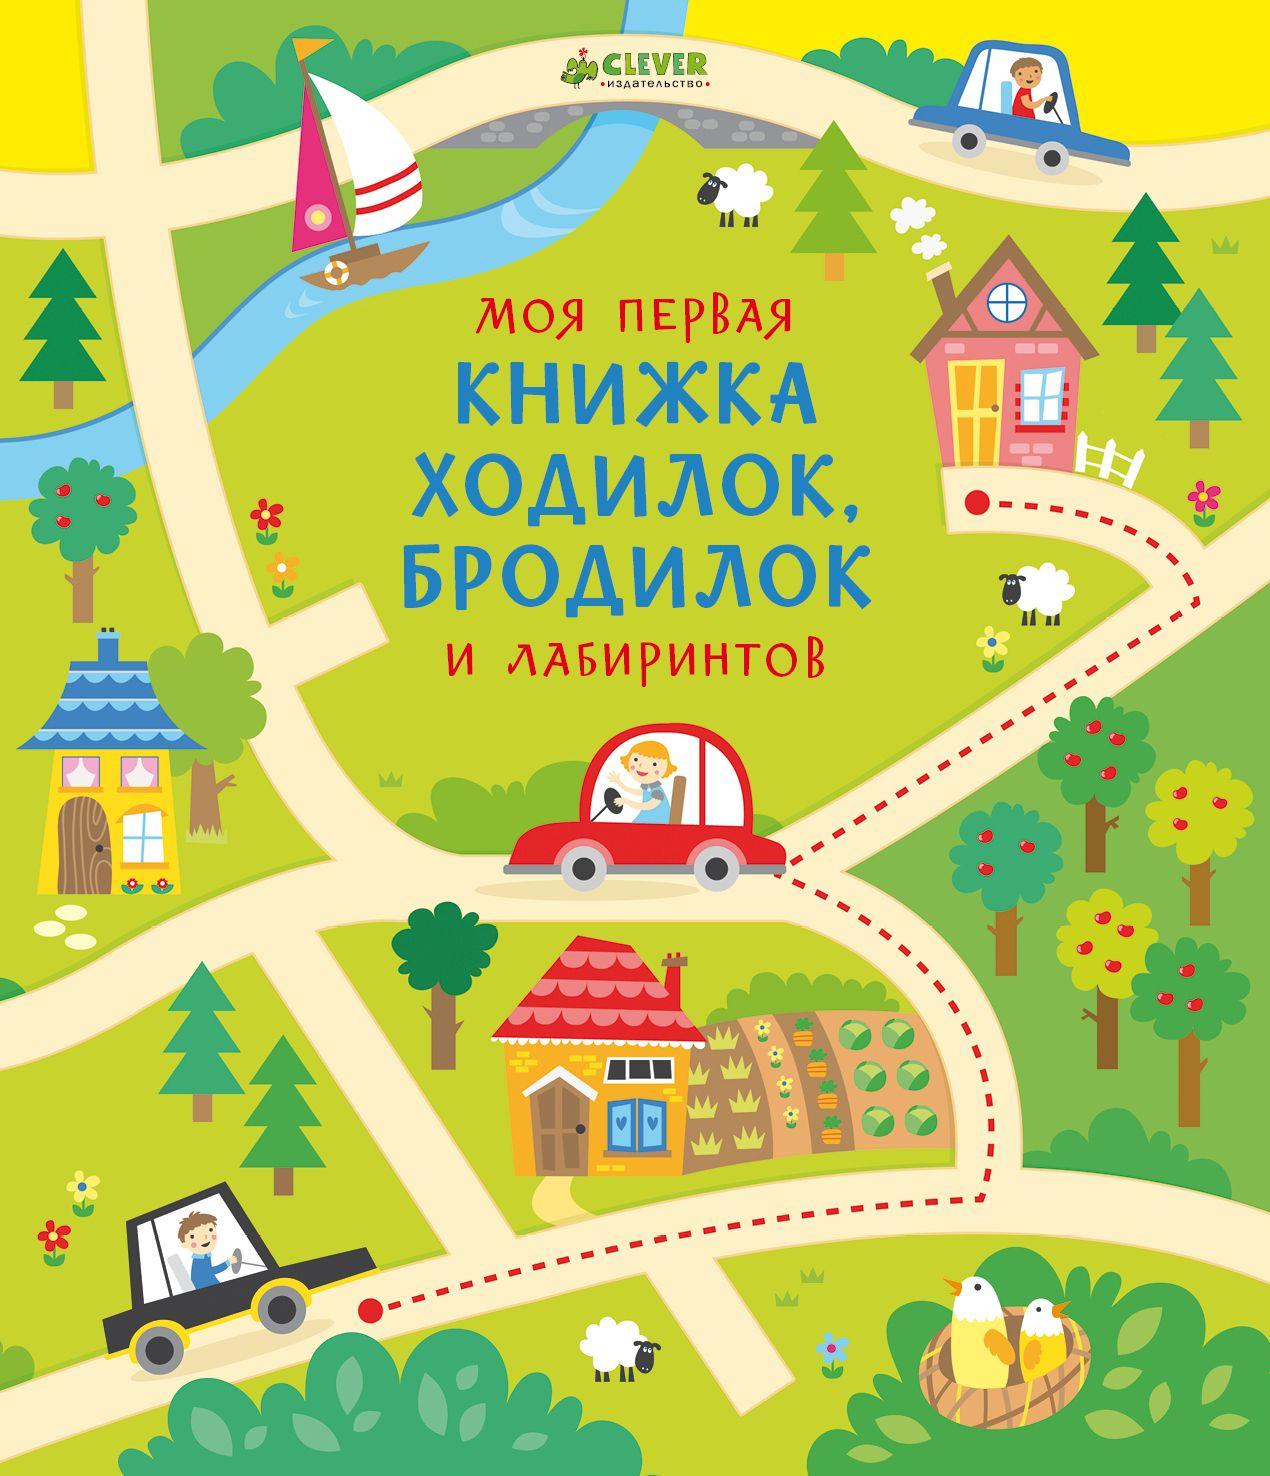 Купить Моя первая книжка ходилок, бродилок и лабиринтов, Издательство Клевер